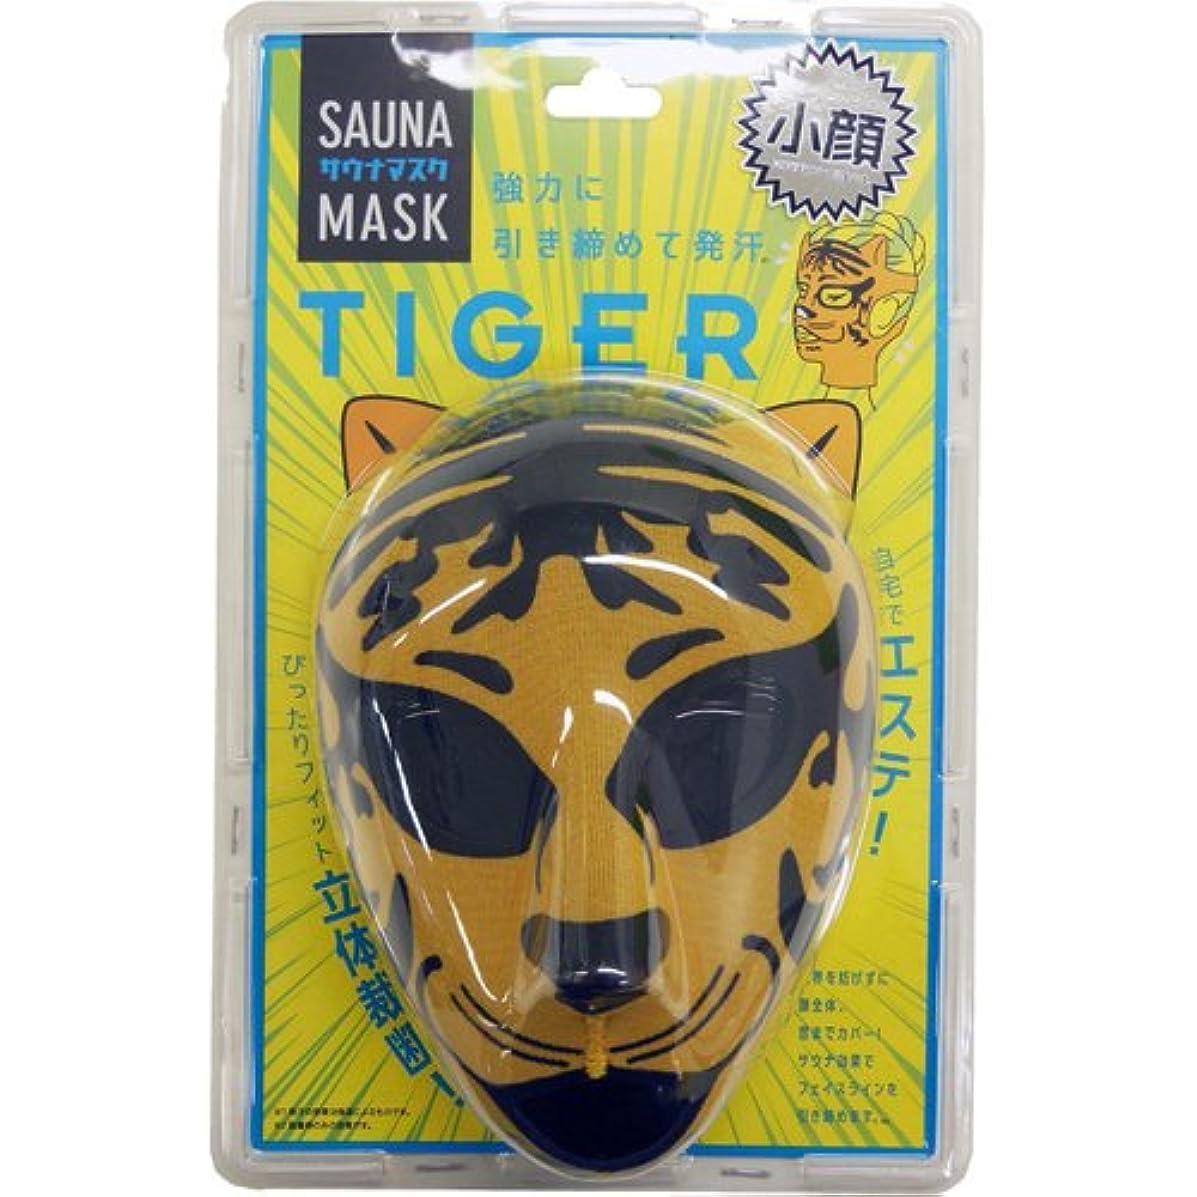 偽装するストラトフォードオンエイボン入場コジット サウナマスク TIGER (1個)